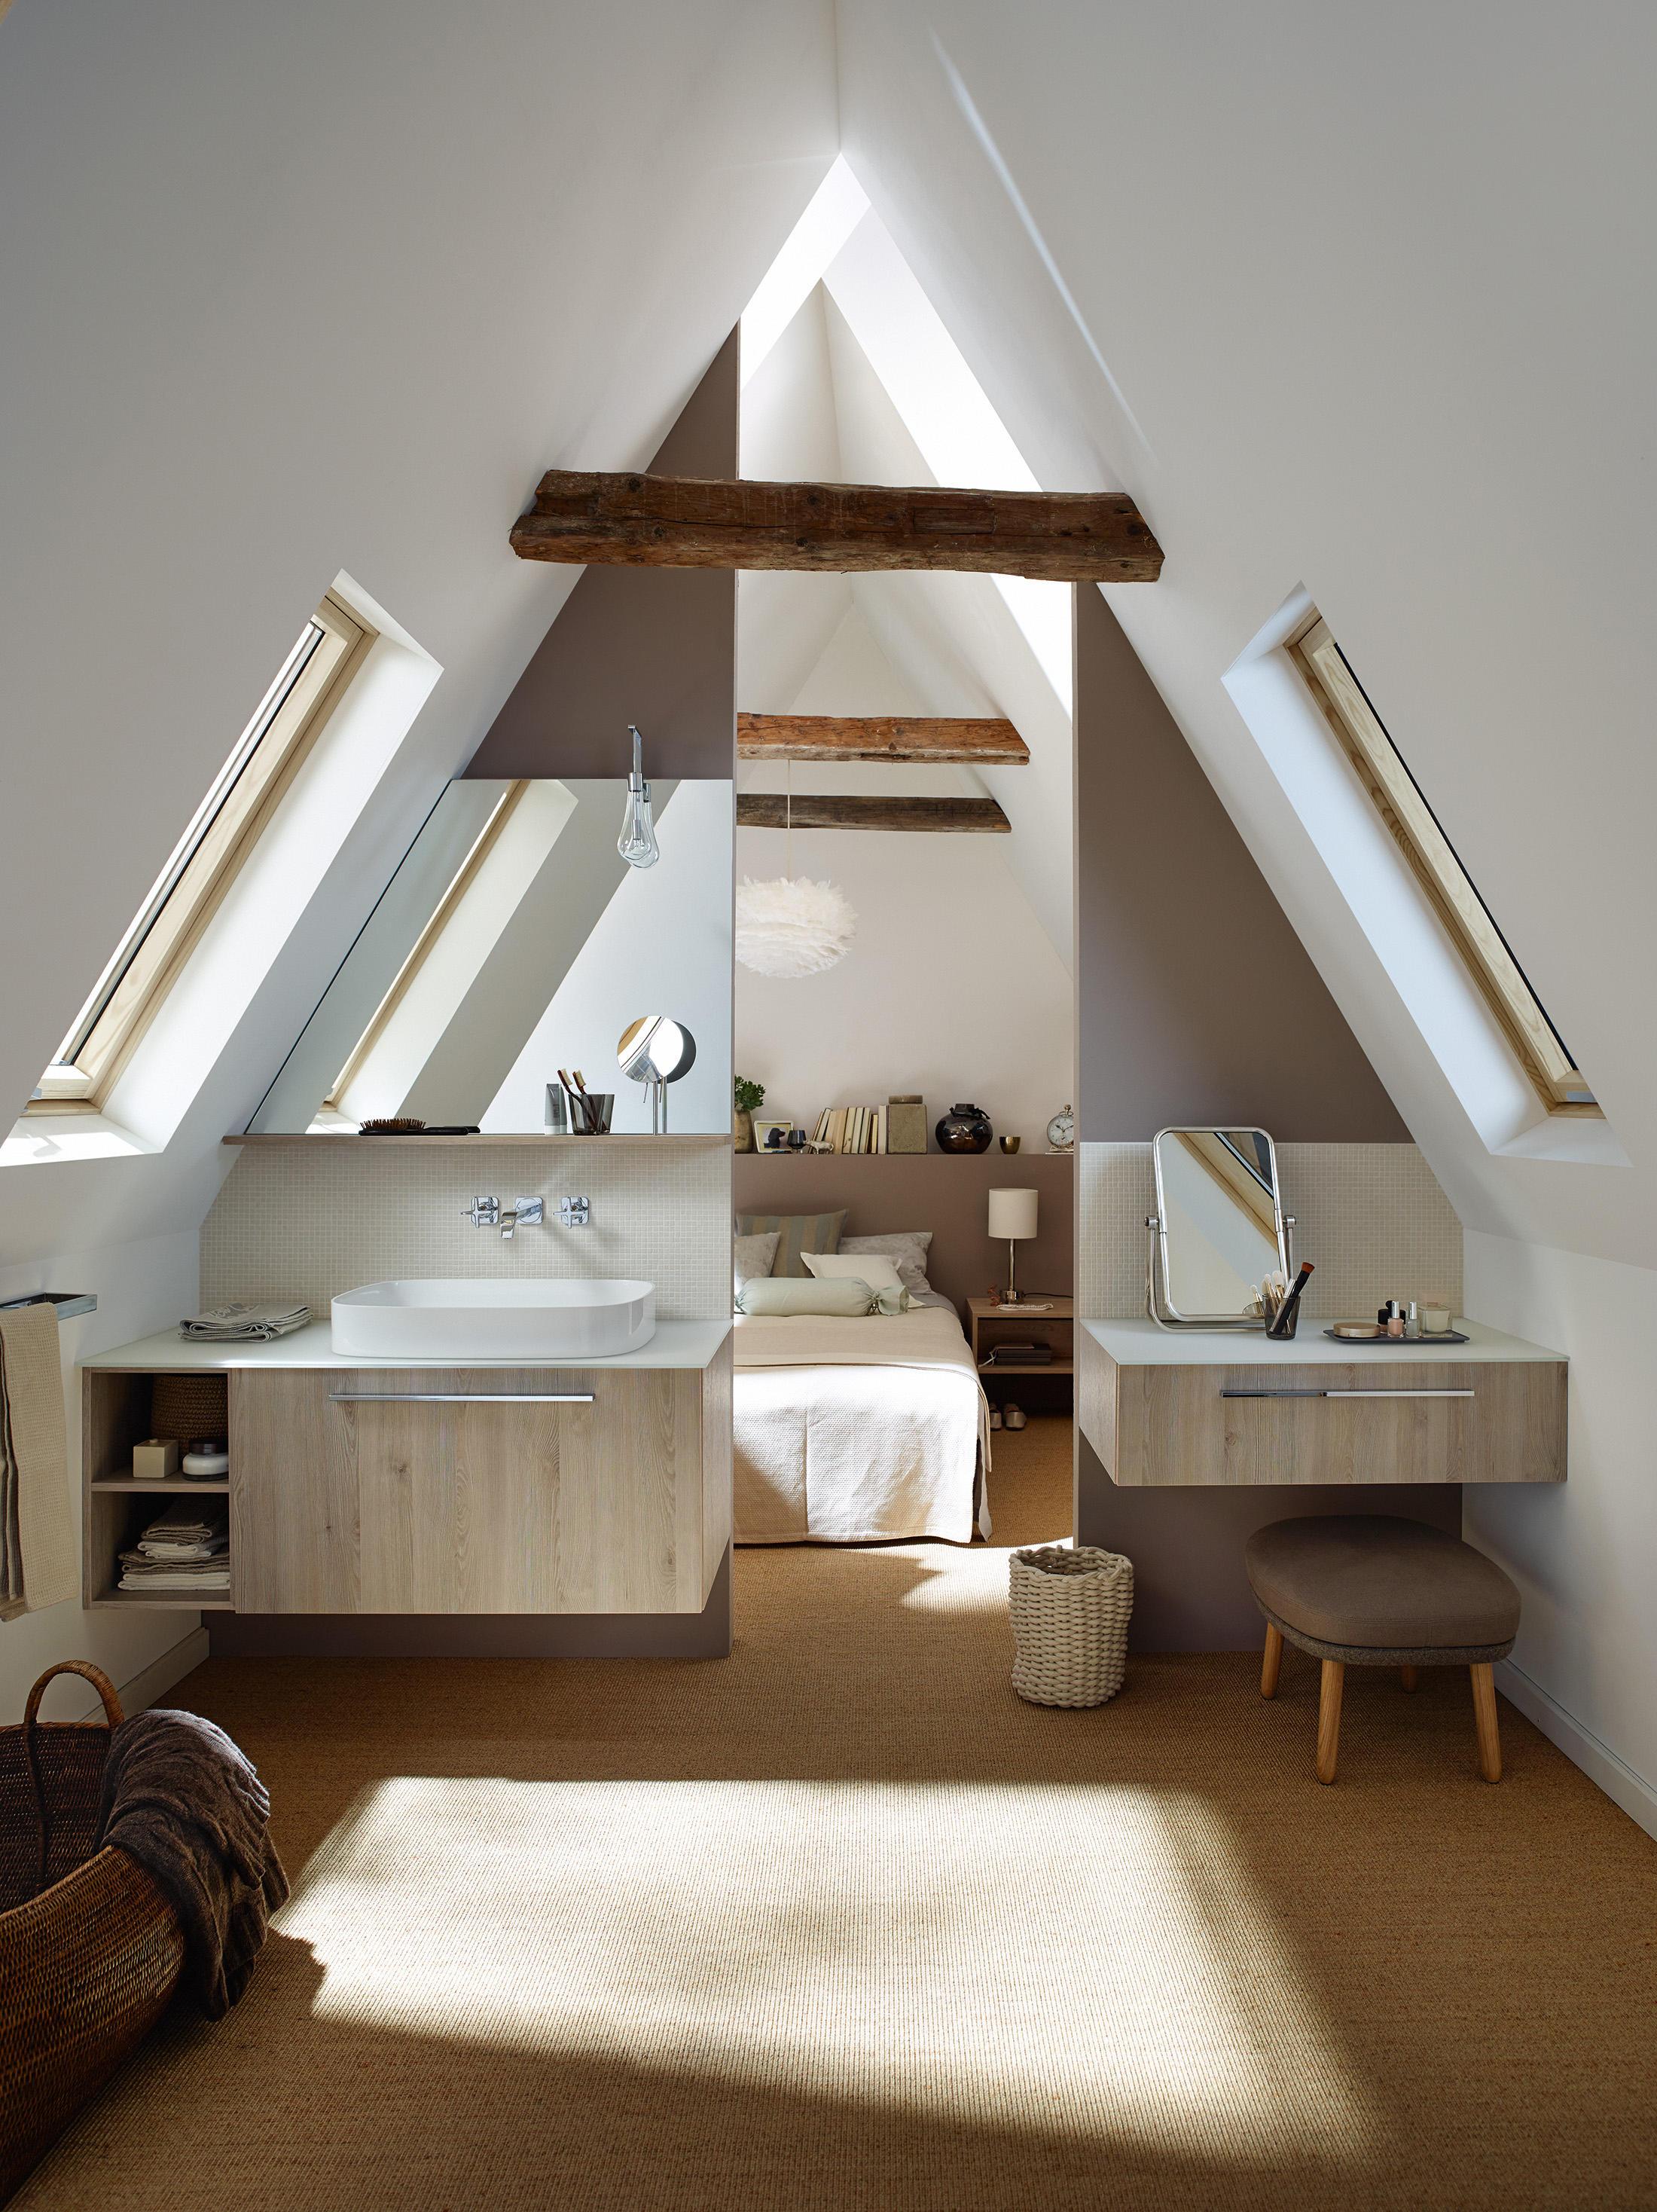 Wunderschön Spiegel Für Dachschräge Dekoration Von Sys30   S-waschtisch Von Burgbad